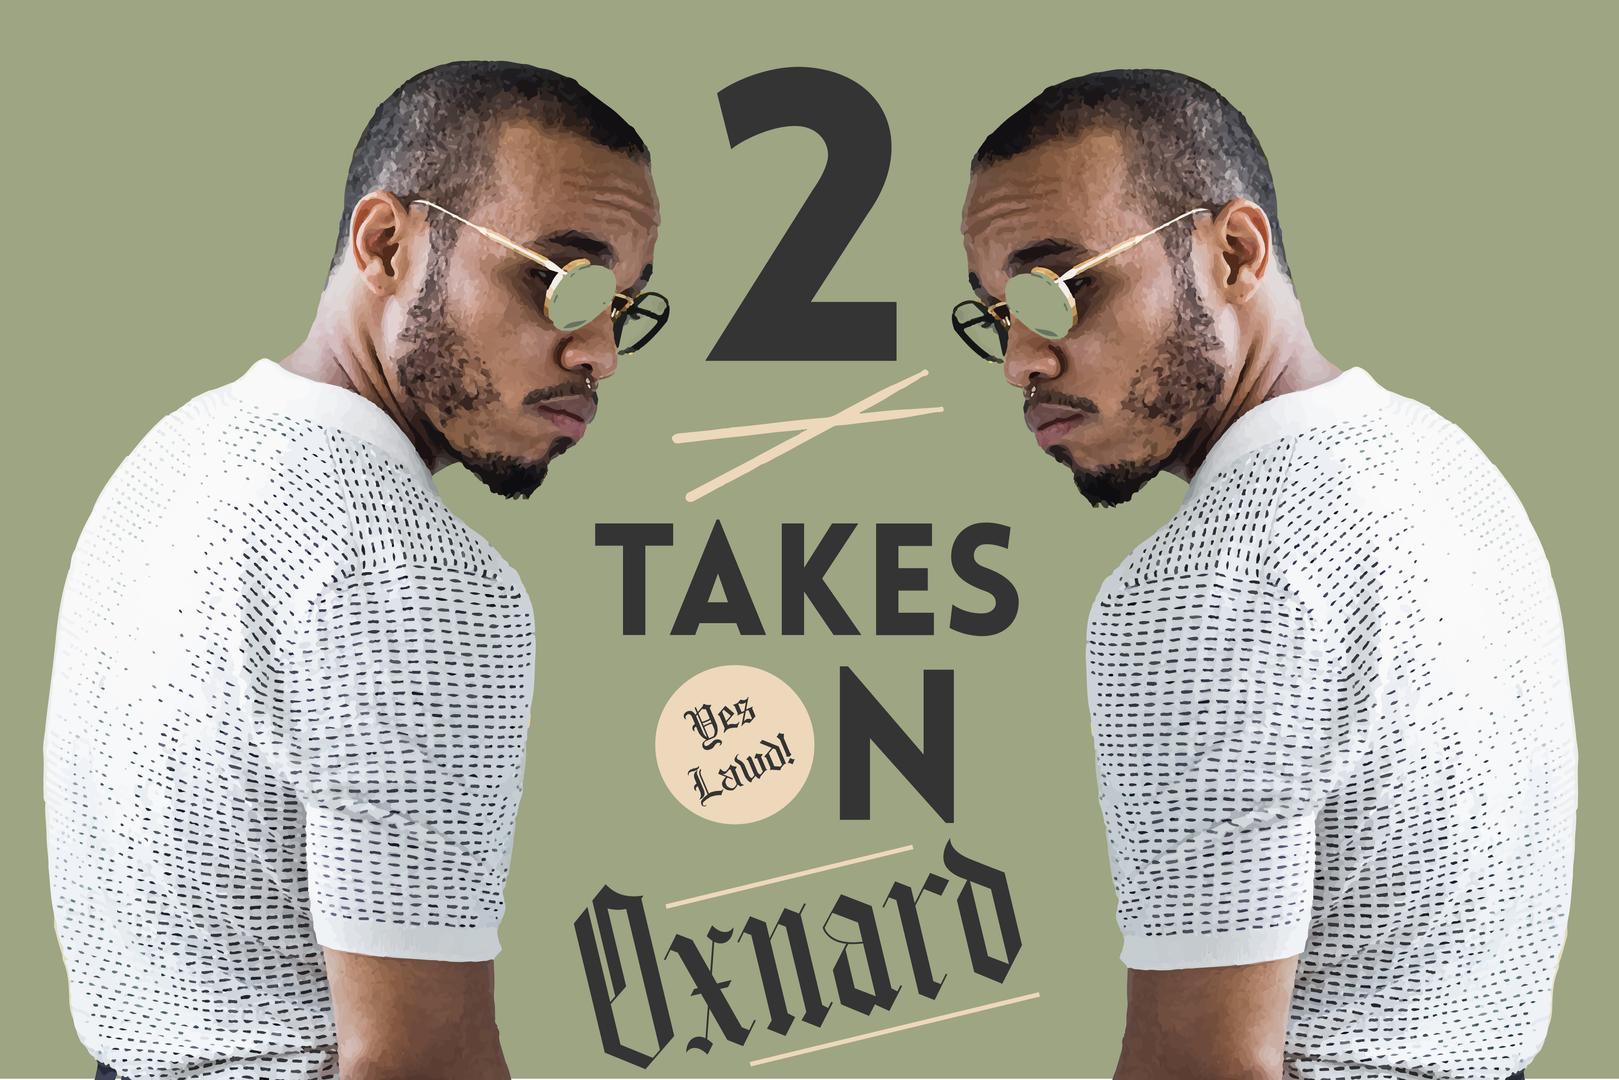 2 Takes Oxnard